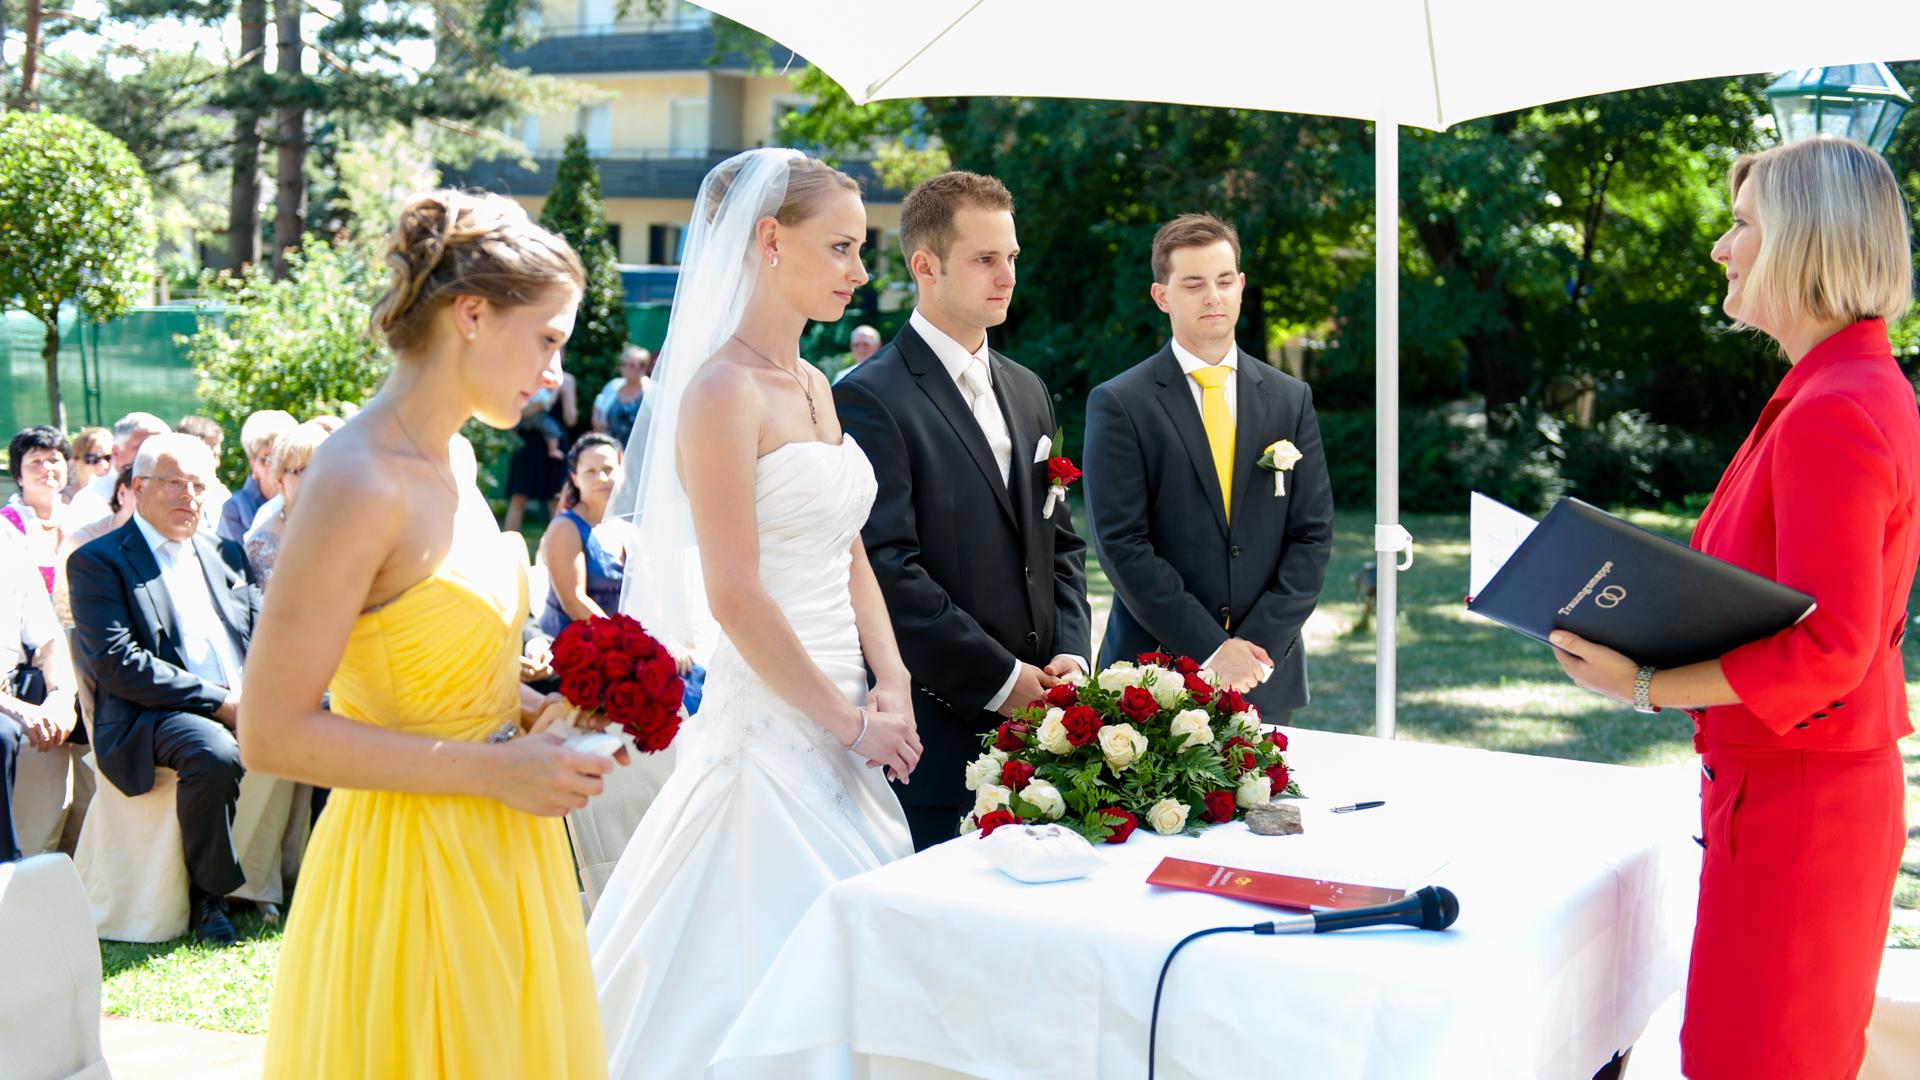 Wedding_MarielisAlex_014-1_DSC_1117